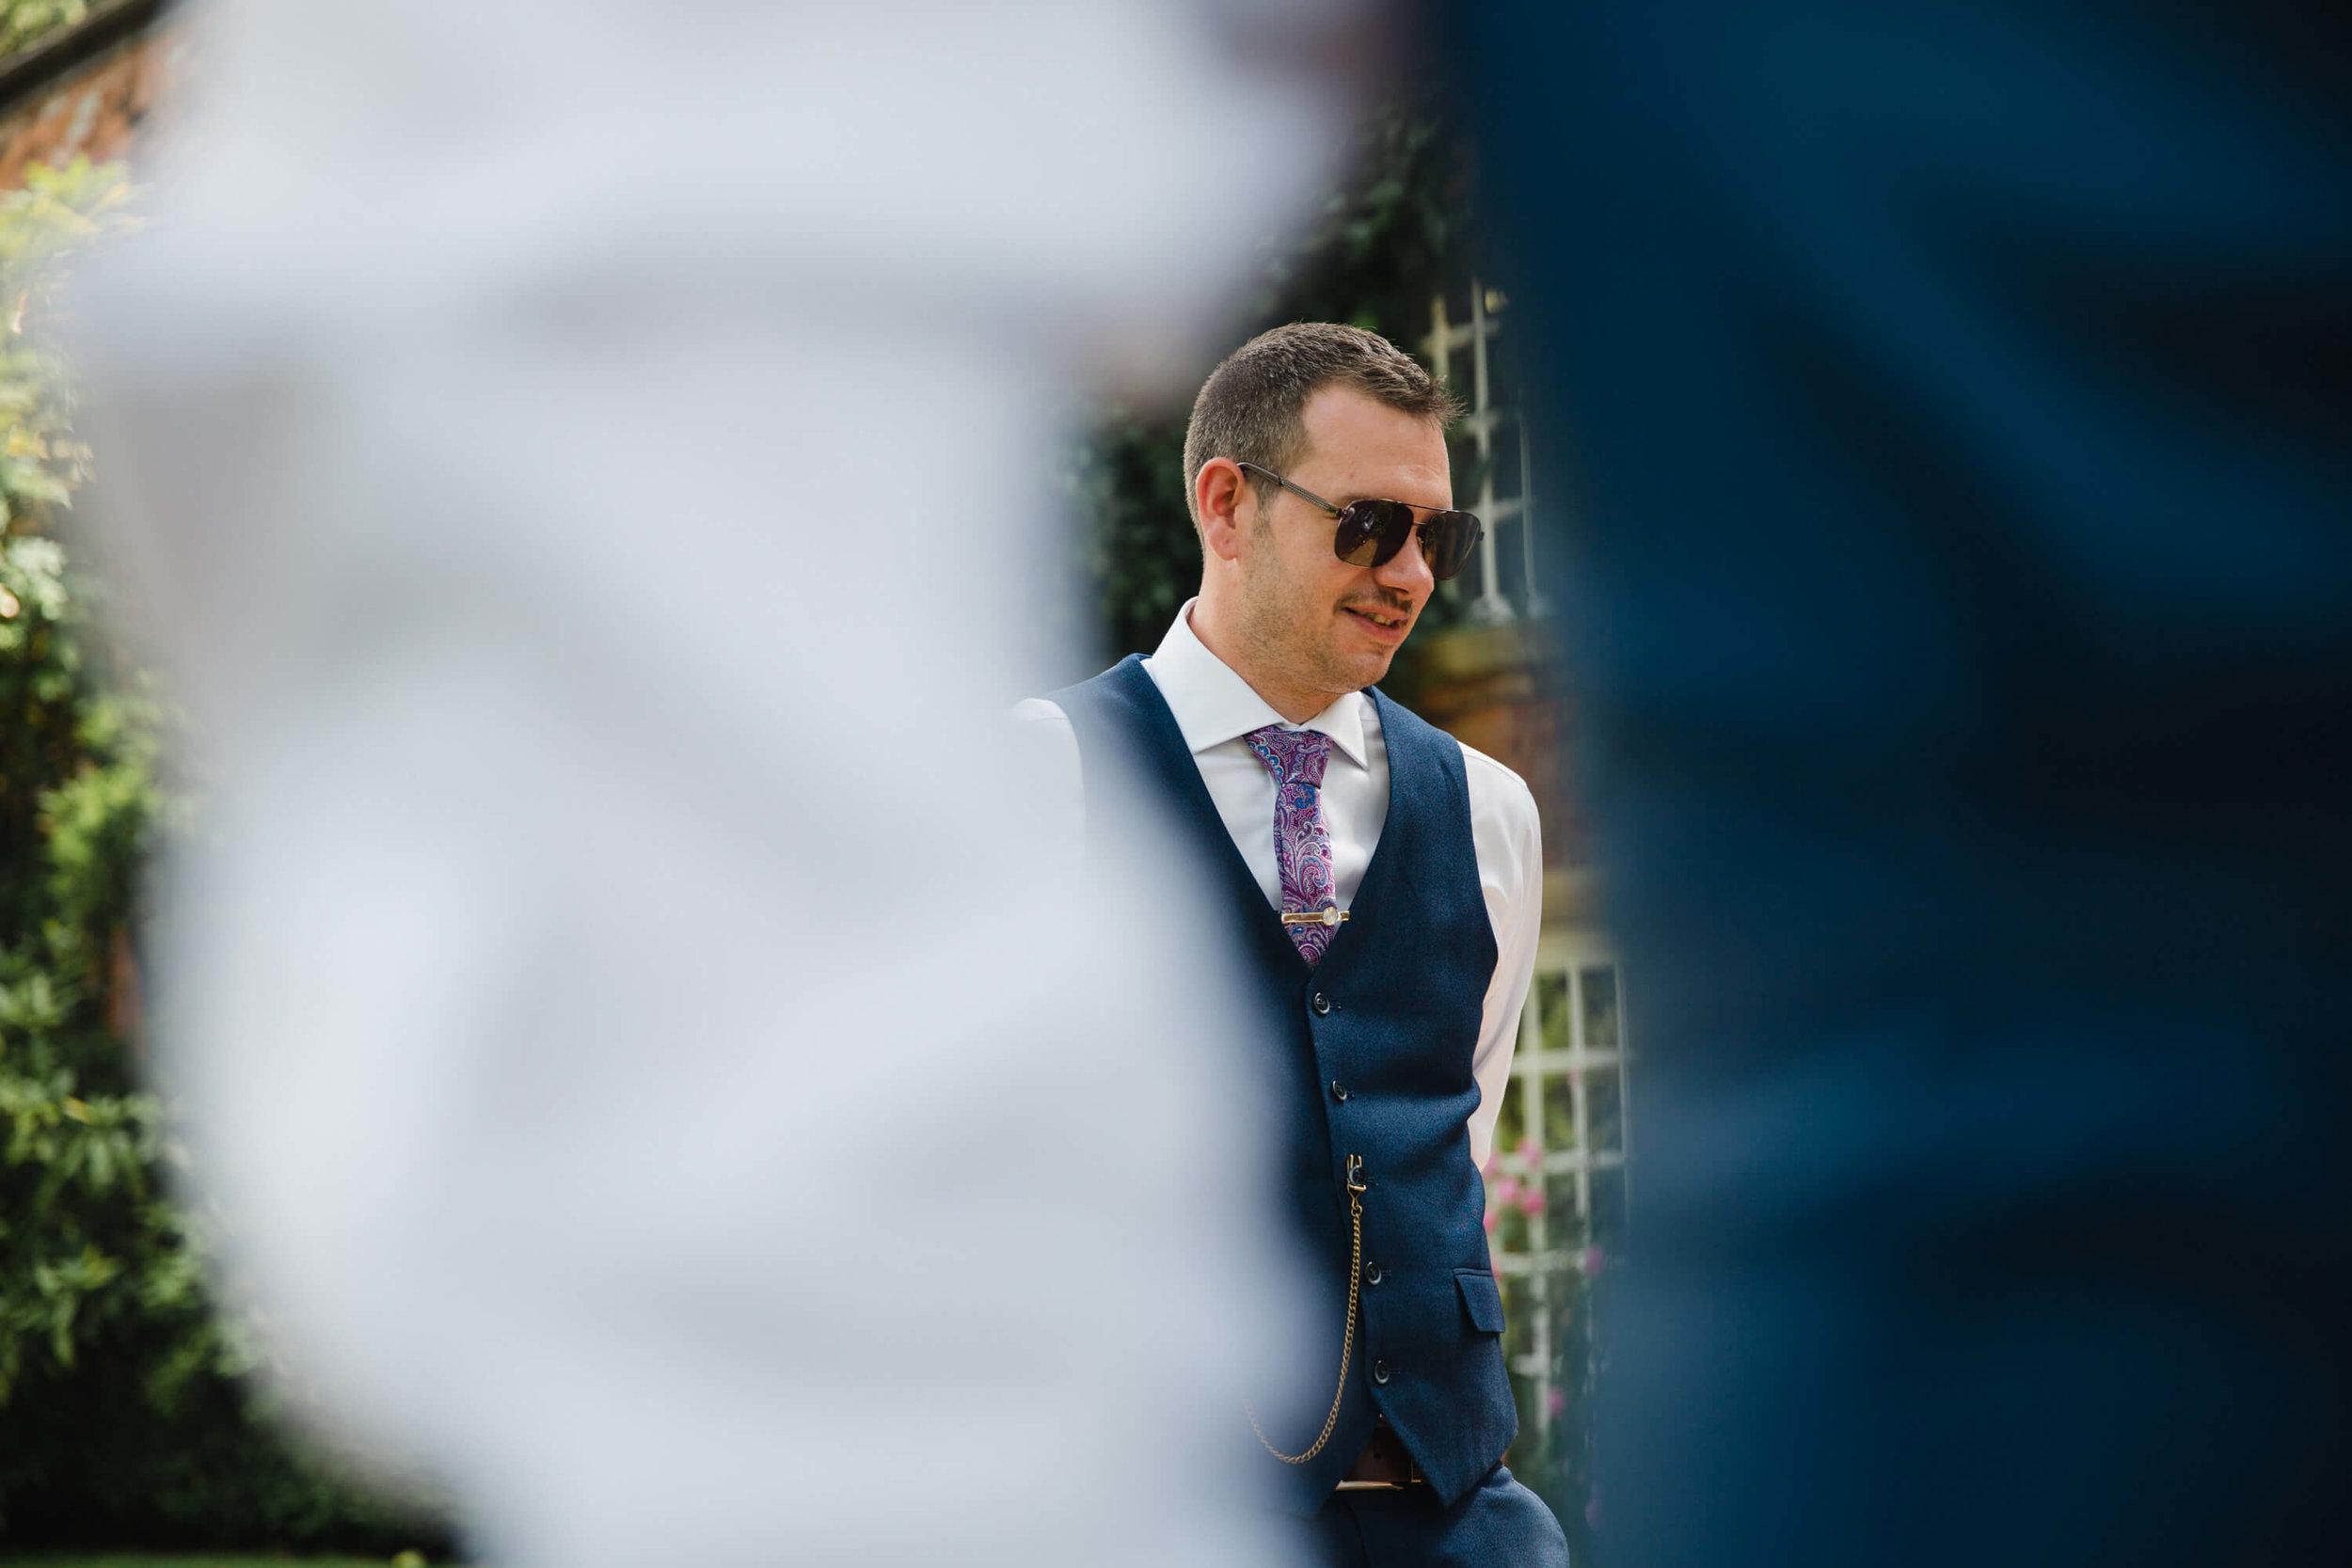 adlington_hall_wedding_venue_02.jpg